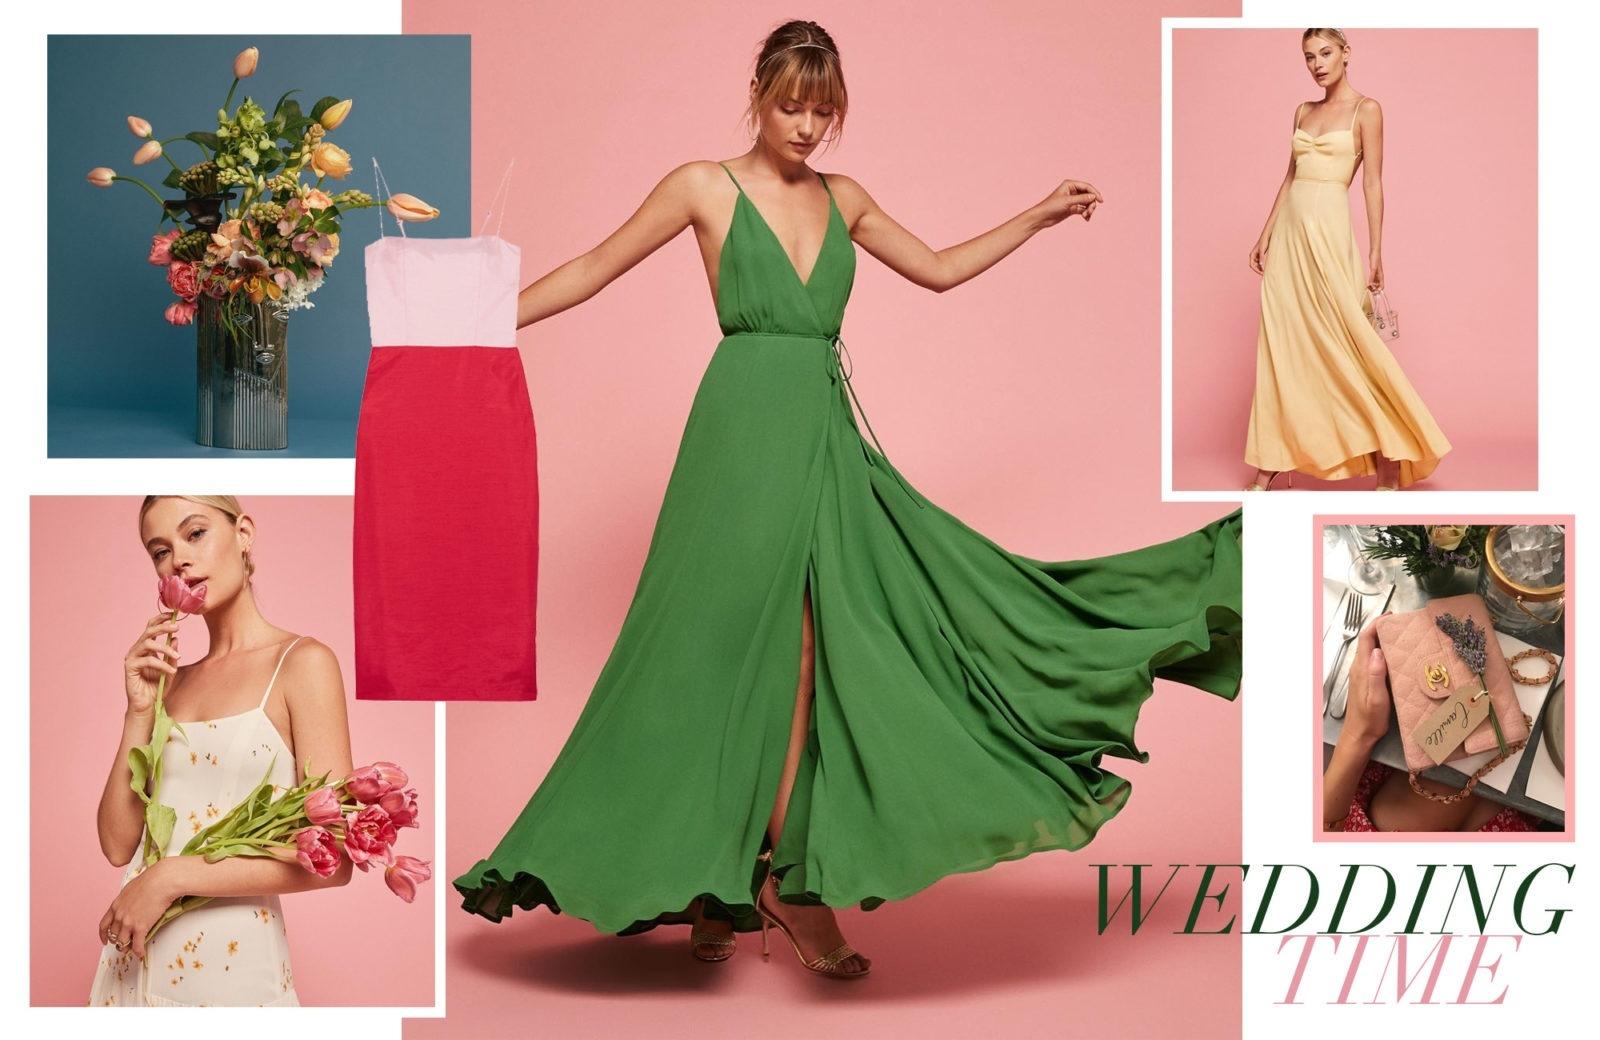 13 Genial Kleid Für Herbst Hochzeit für 201920 Fantastisch Kleid Für Herbst Hochzeit Vertrieb